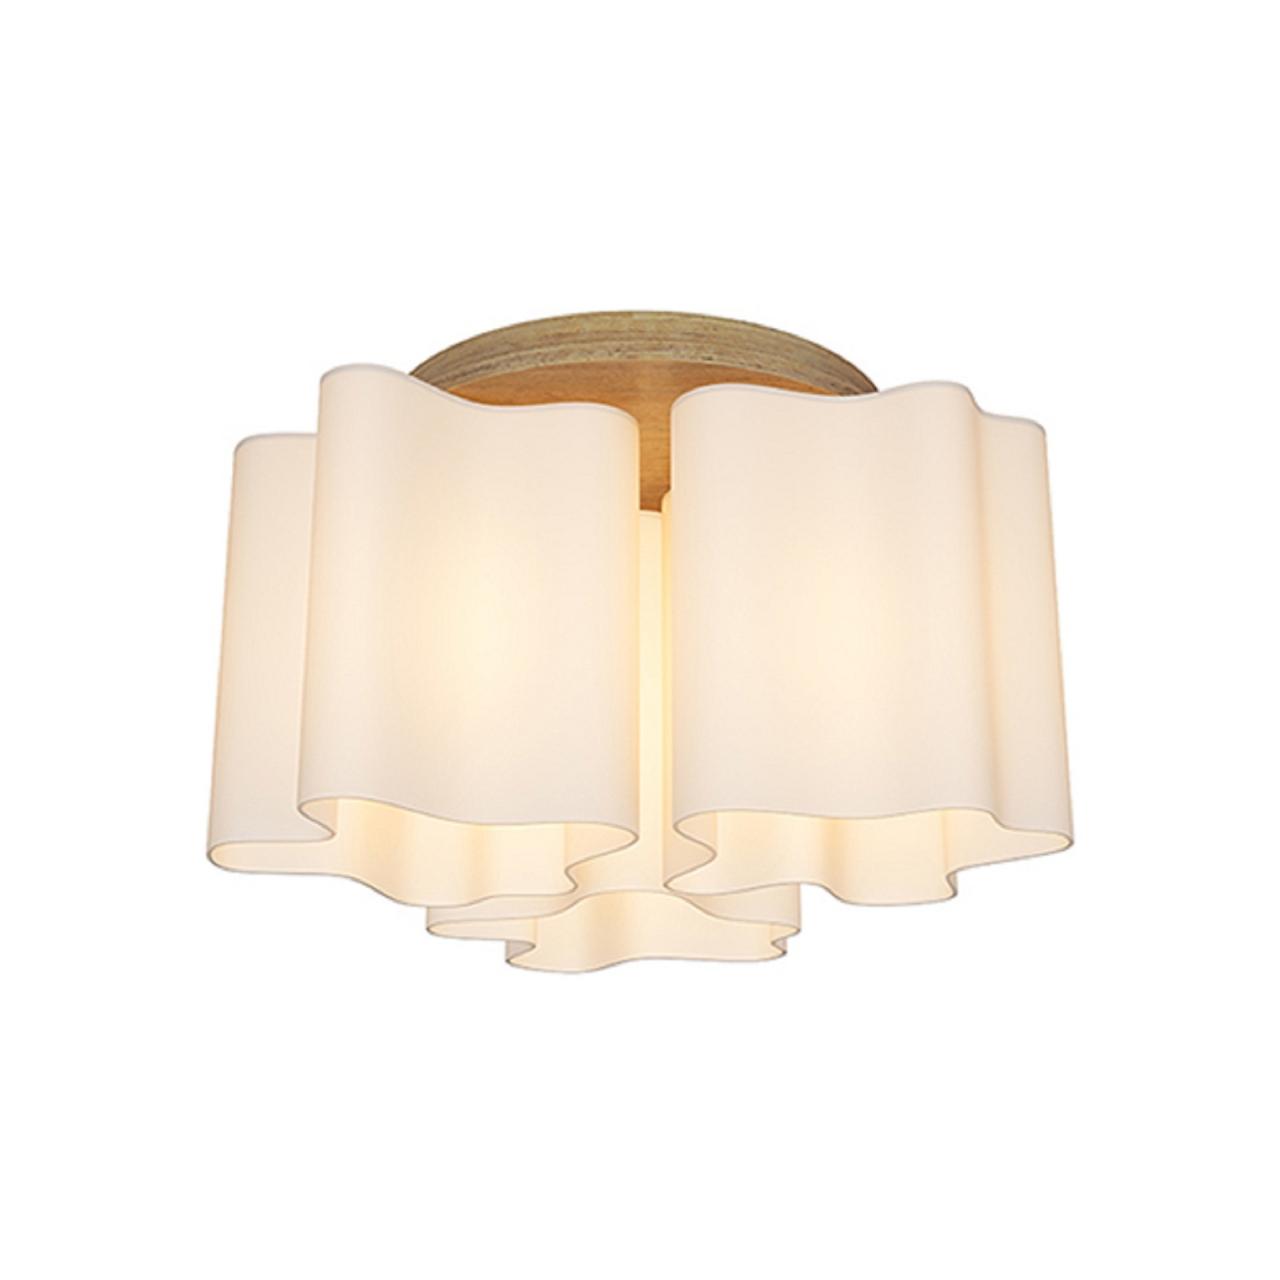 Люстра потолочная NUBI Legno 3x40W E27 светлое дерево / белый Lightstar 802035